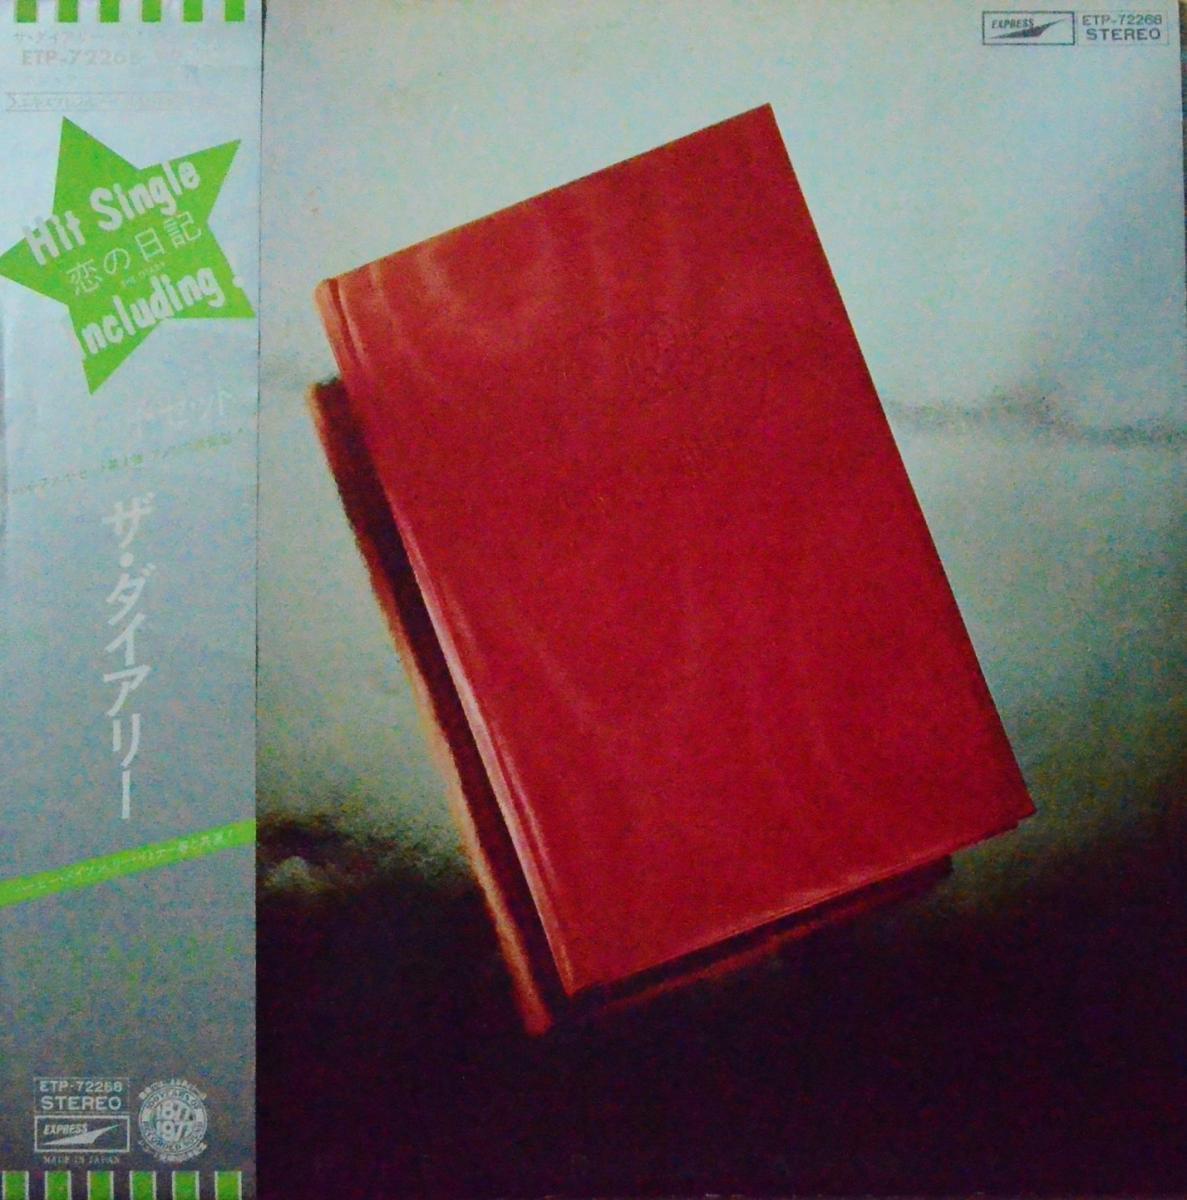 ハイ・ファイ・セット HI-FI SET / ザ・ダイアリー THE DIARY (LP)